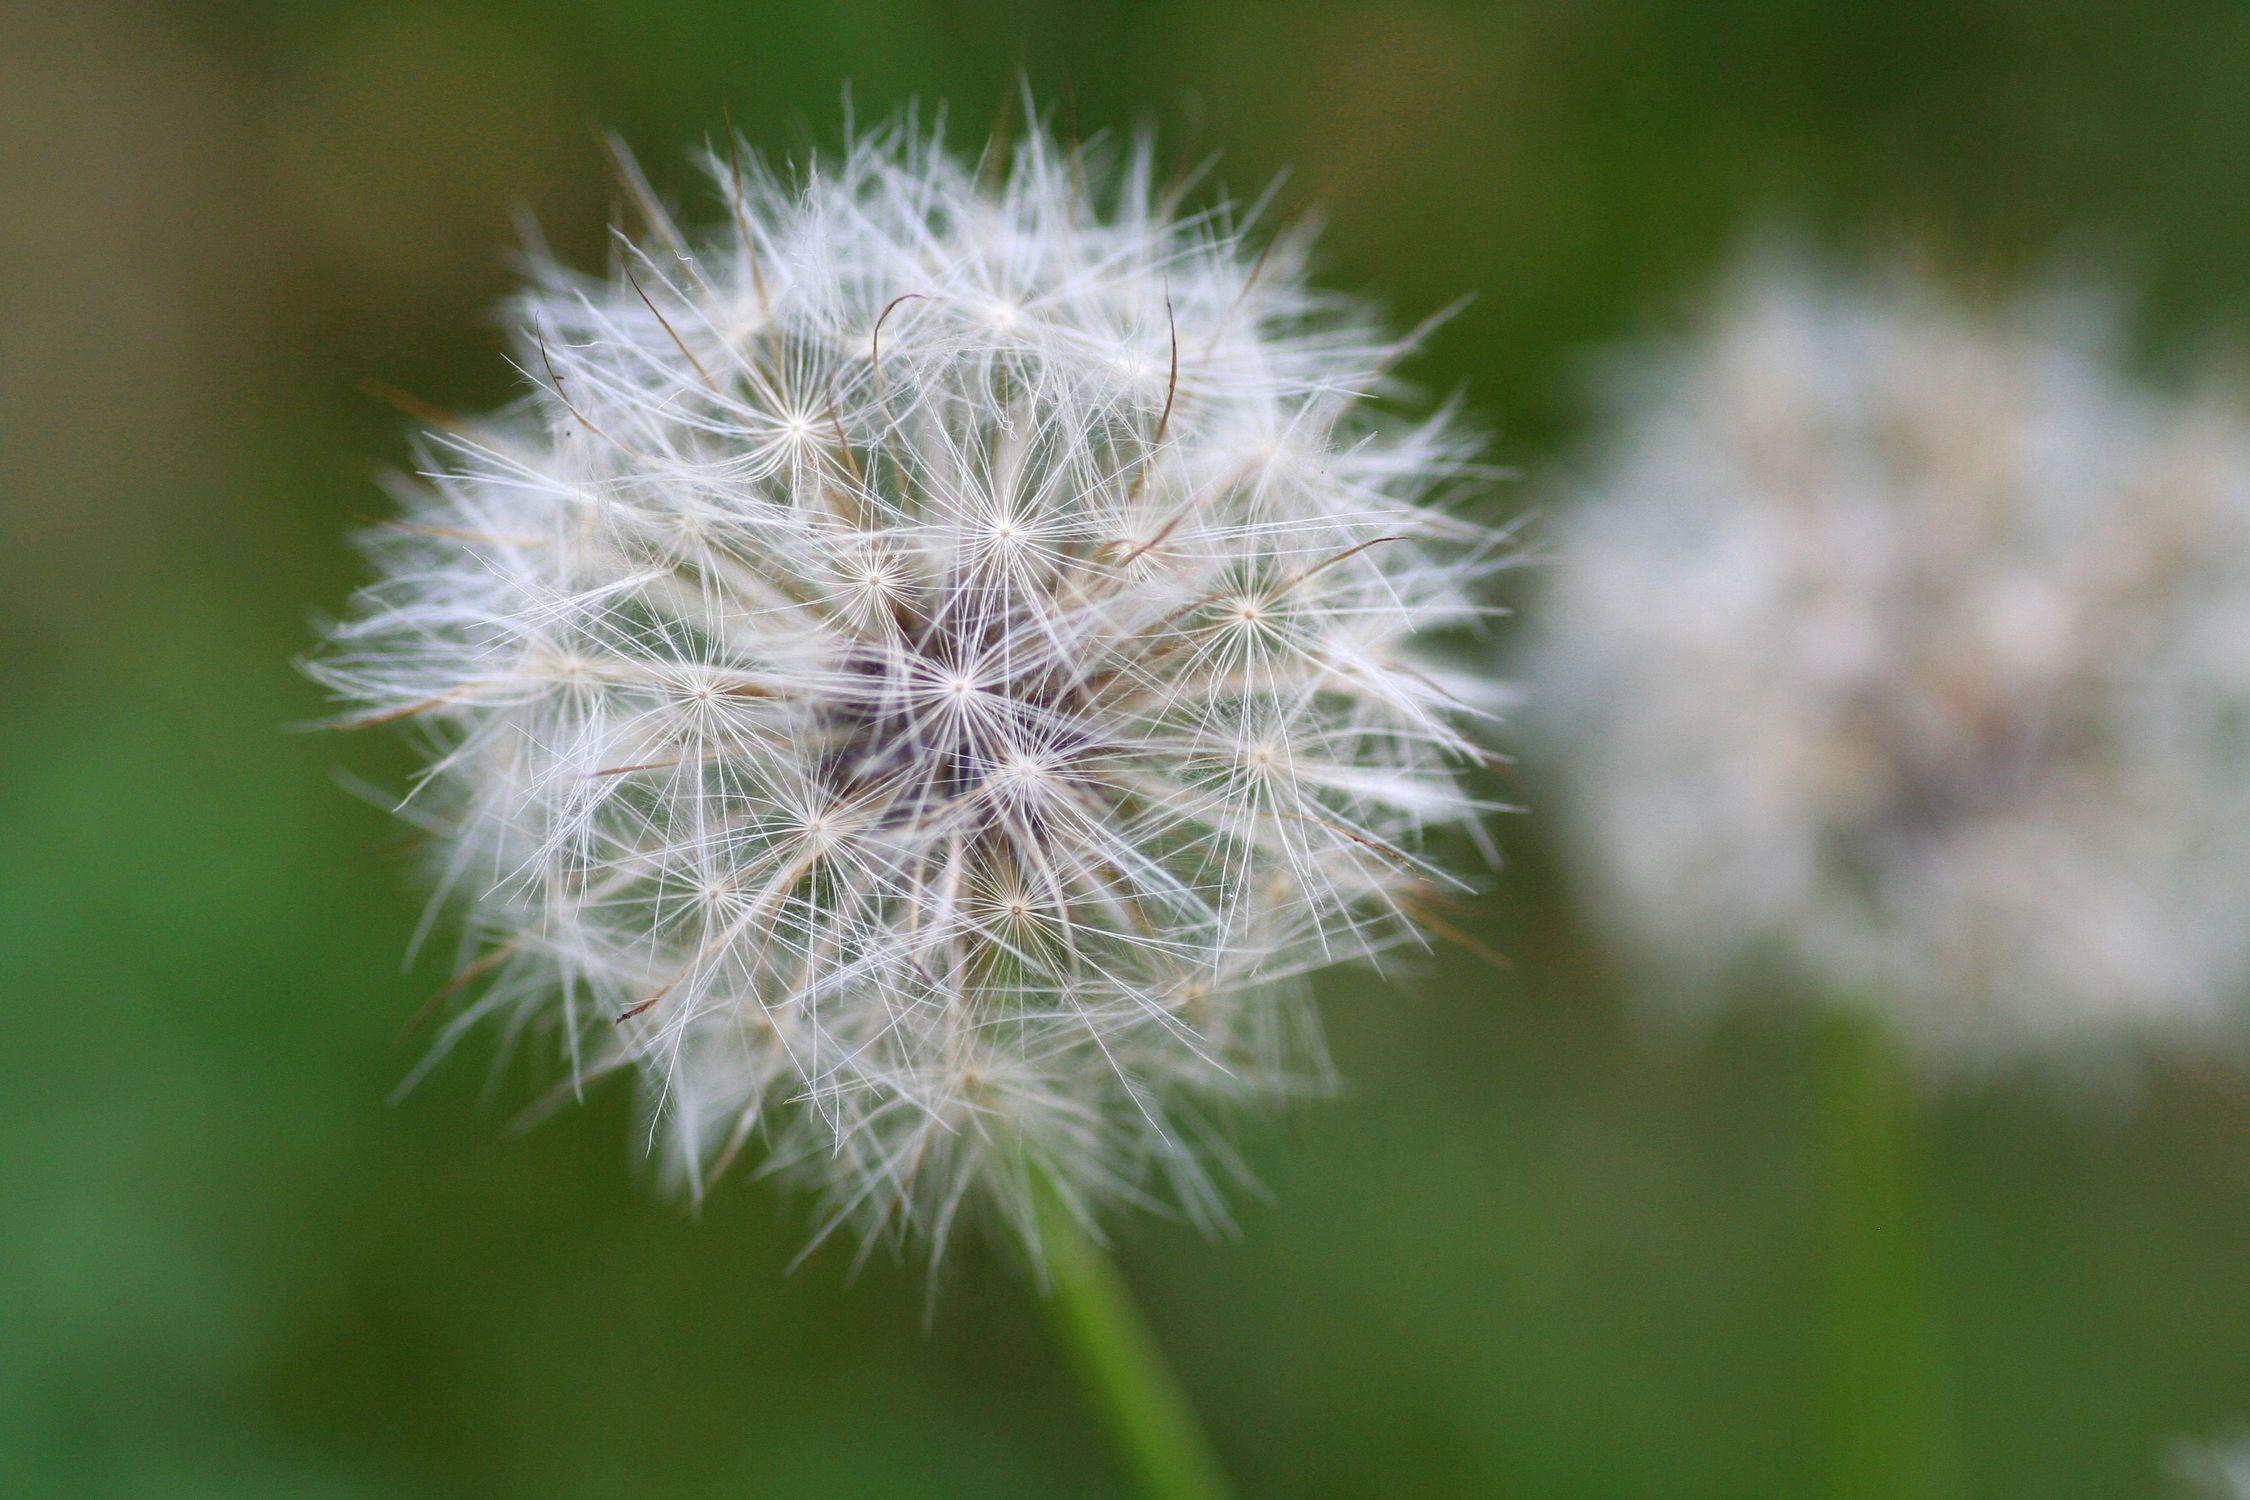 Bild mit Natur, Pflanzen, Gräser, Blumen, Korbblütler, Löwenzähne, Pusteblume, Blumenbild